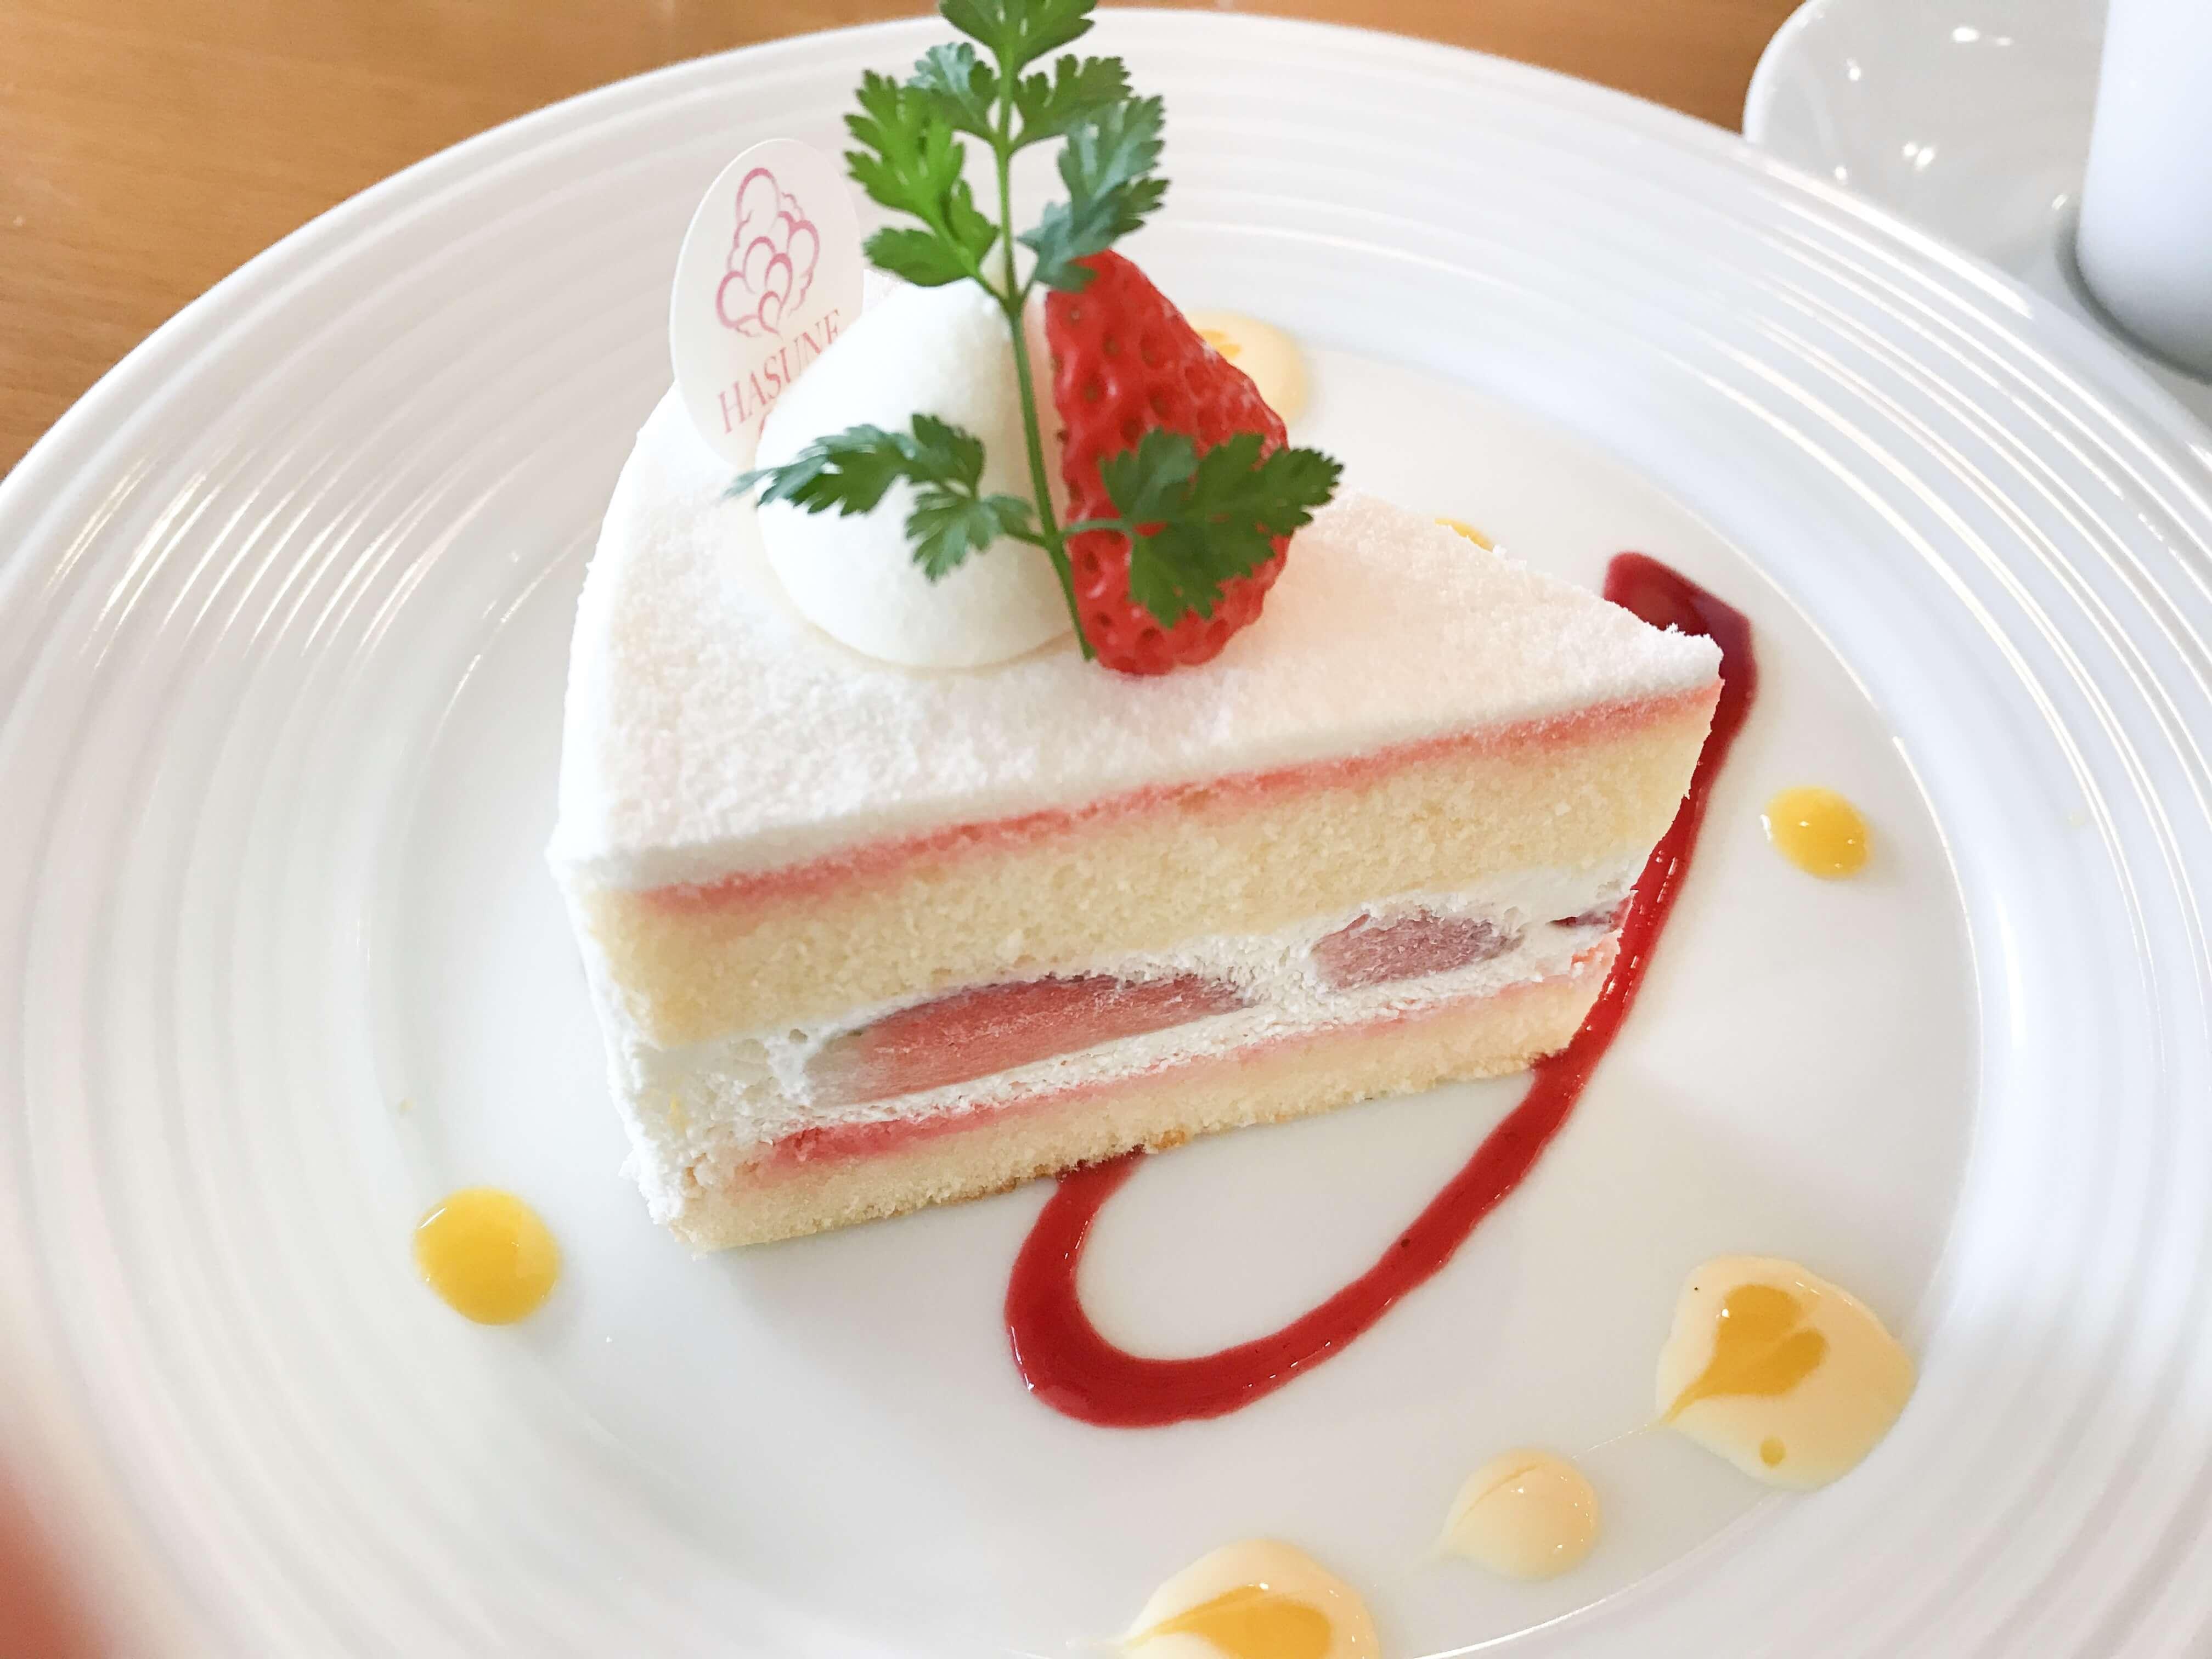 『ハスネテラス』お得なケーキセットがおススメ!ふわふわショートケーキは至福の味。